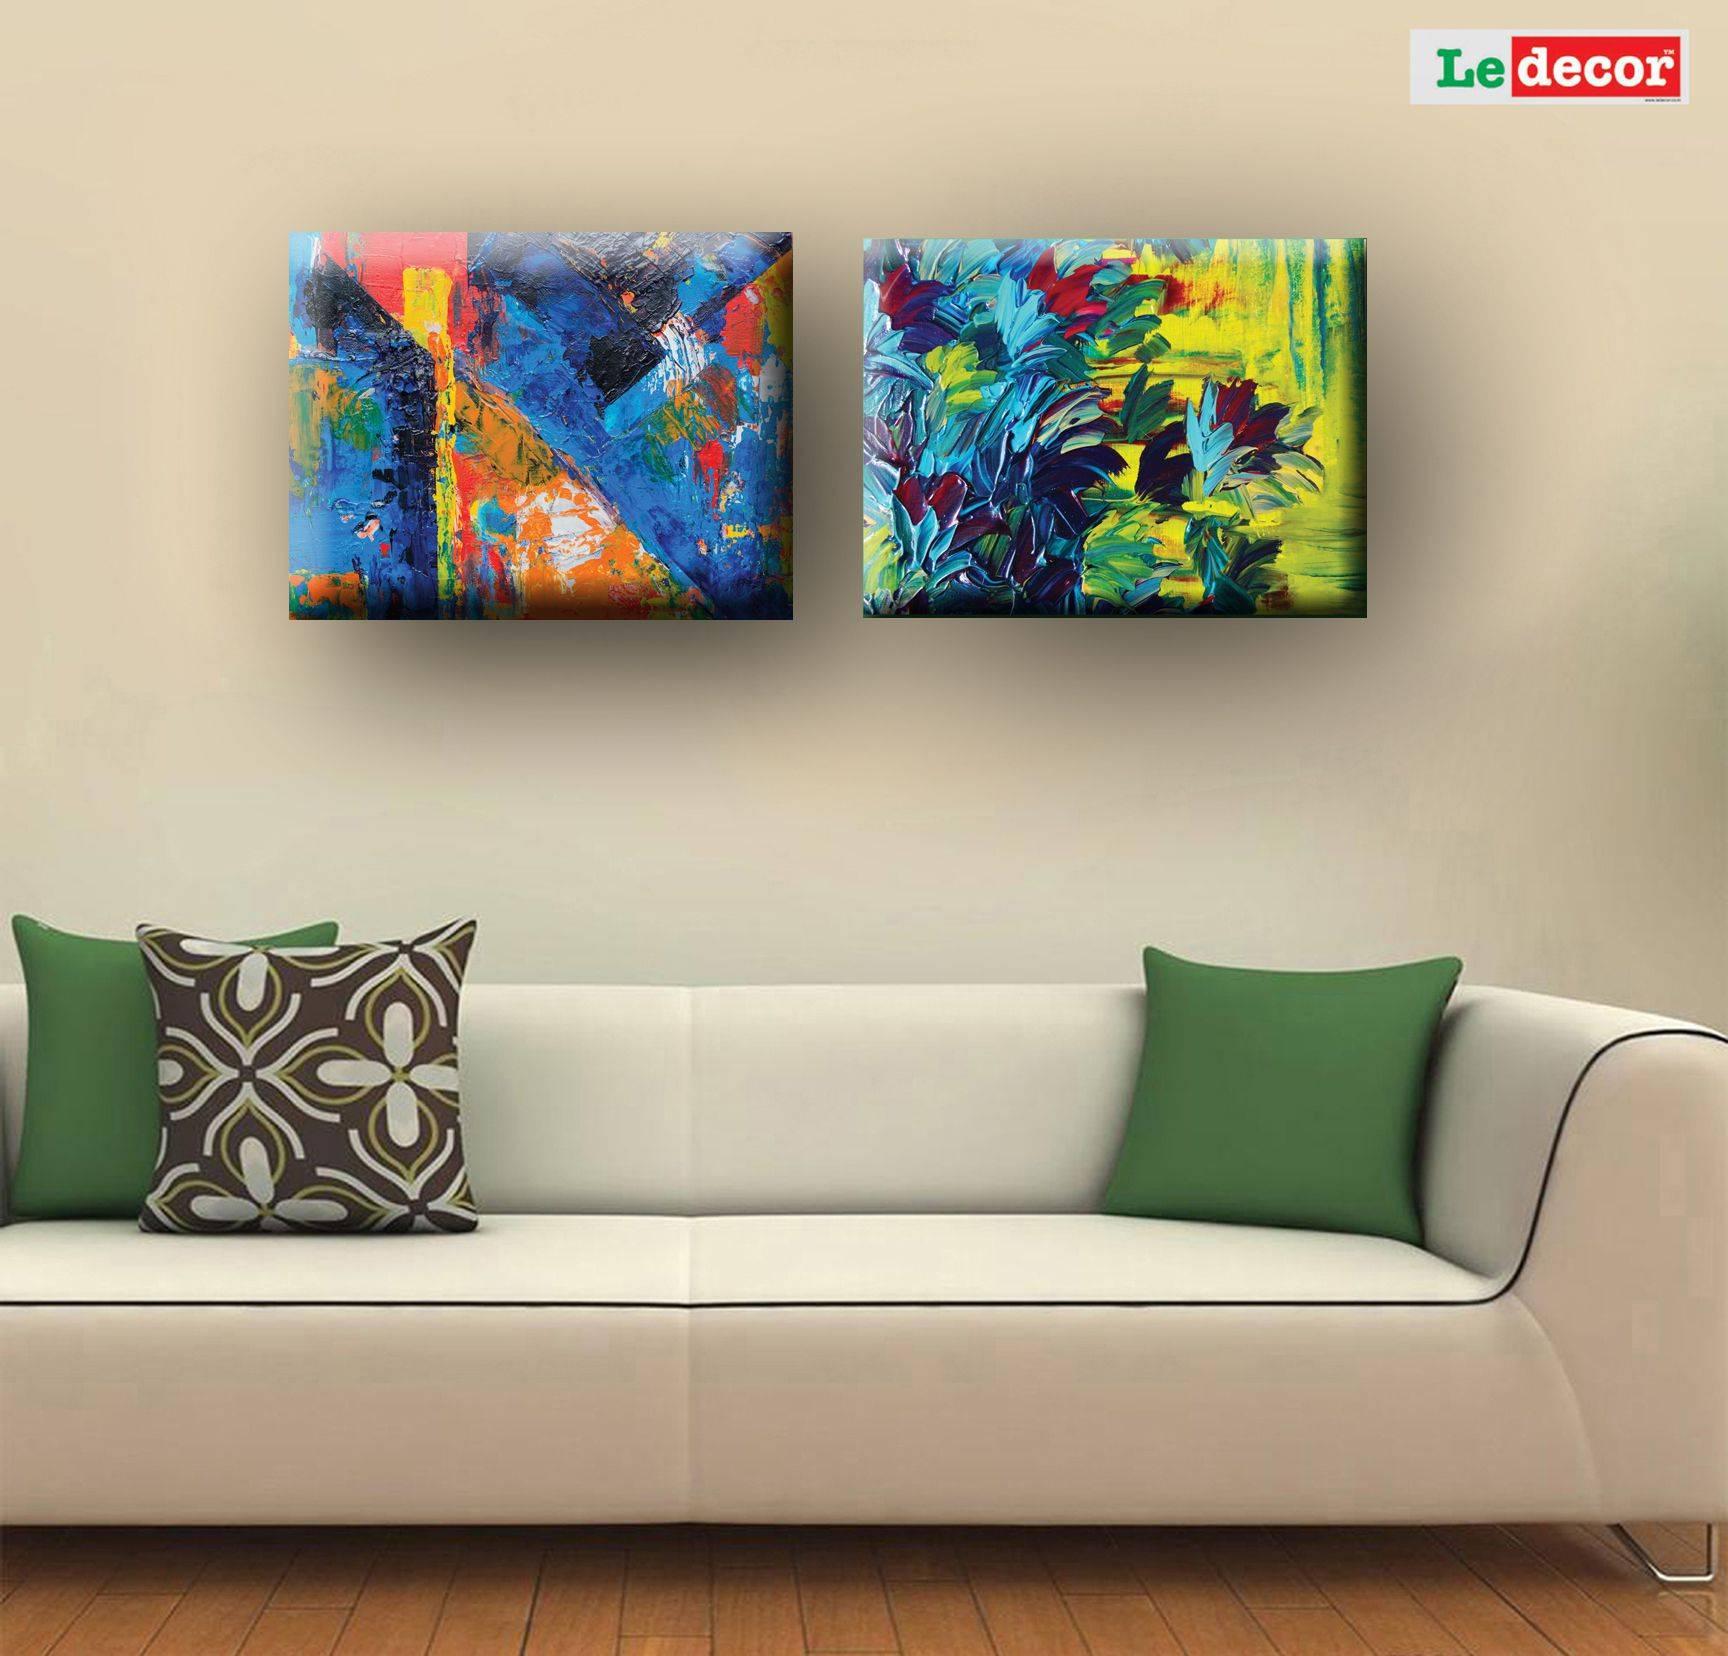 LEDECOR Canvas Wall Decor Green SDL 1 a48d9